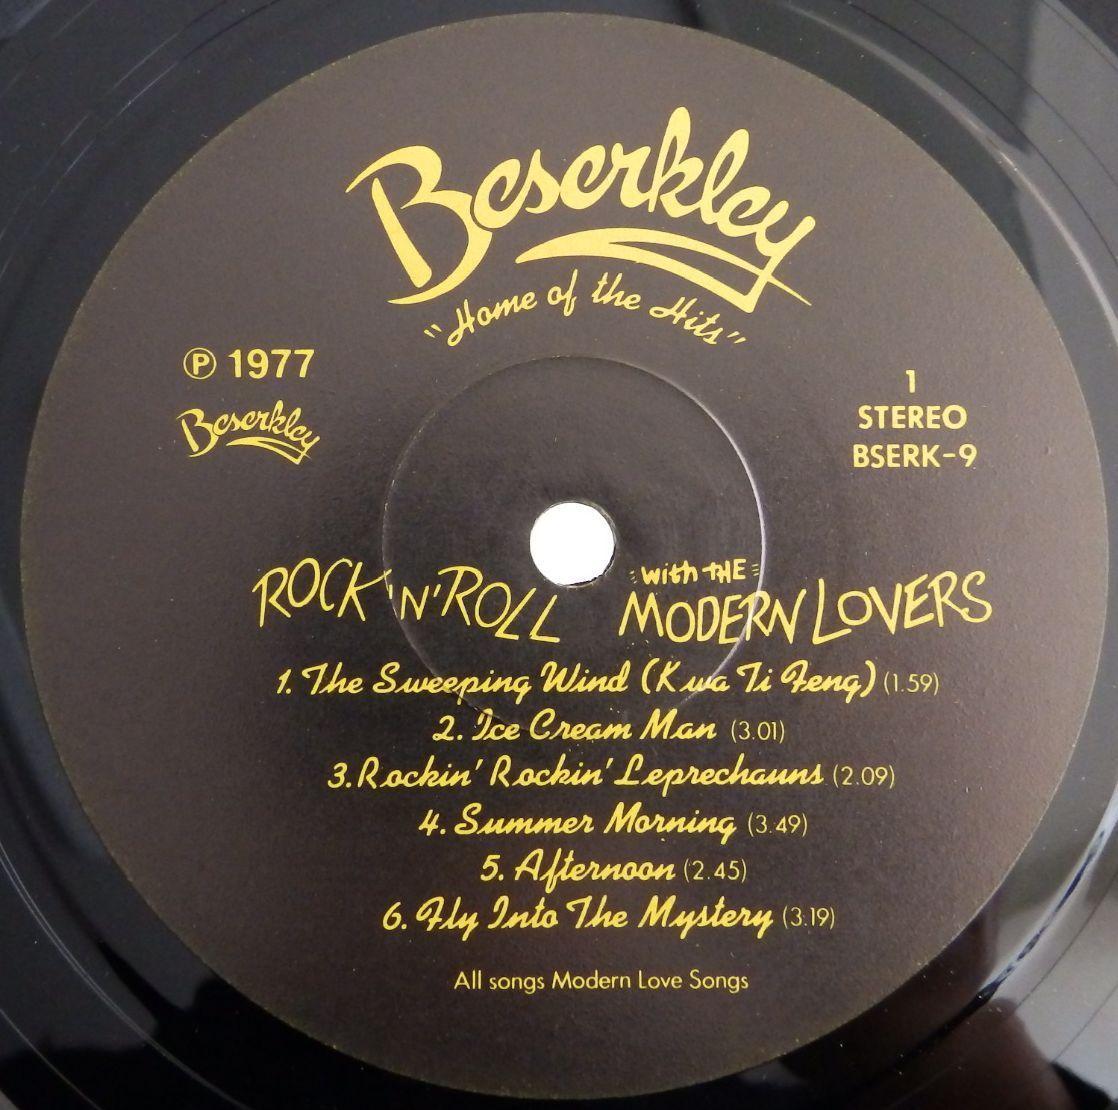 23009330;【廃盤】美再生 BESERKLEY 完全 オリジナル US盤 JONATHAN RICHMAN THE MODERN LOVERS Rock N roll ジョナサン リッチマン_画像4